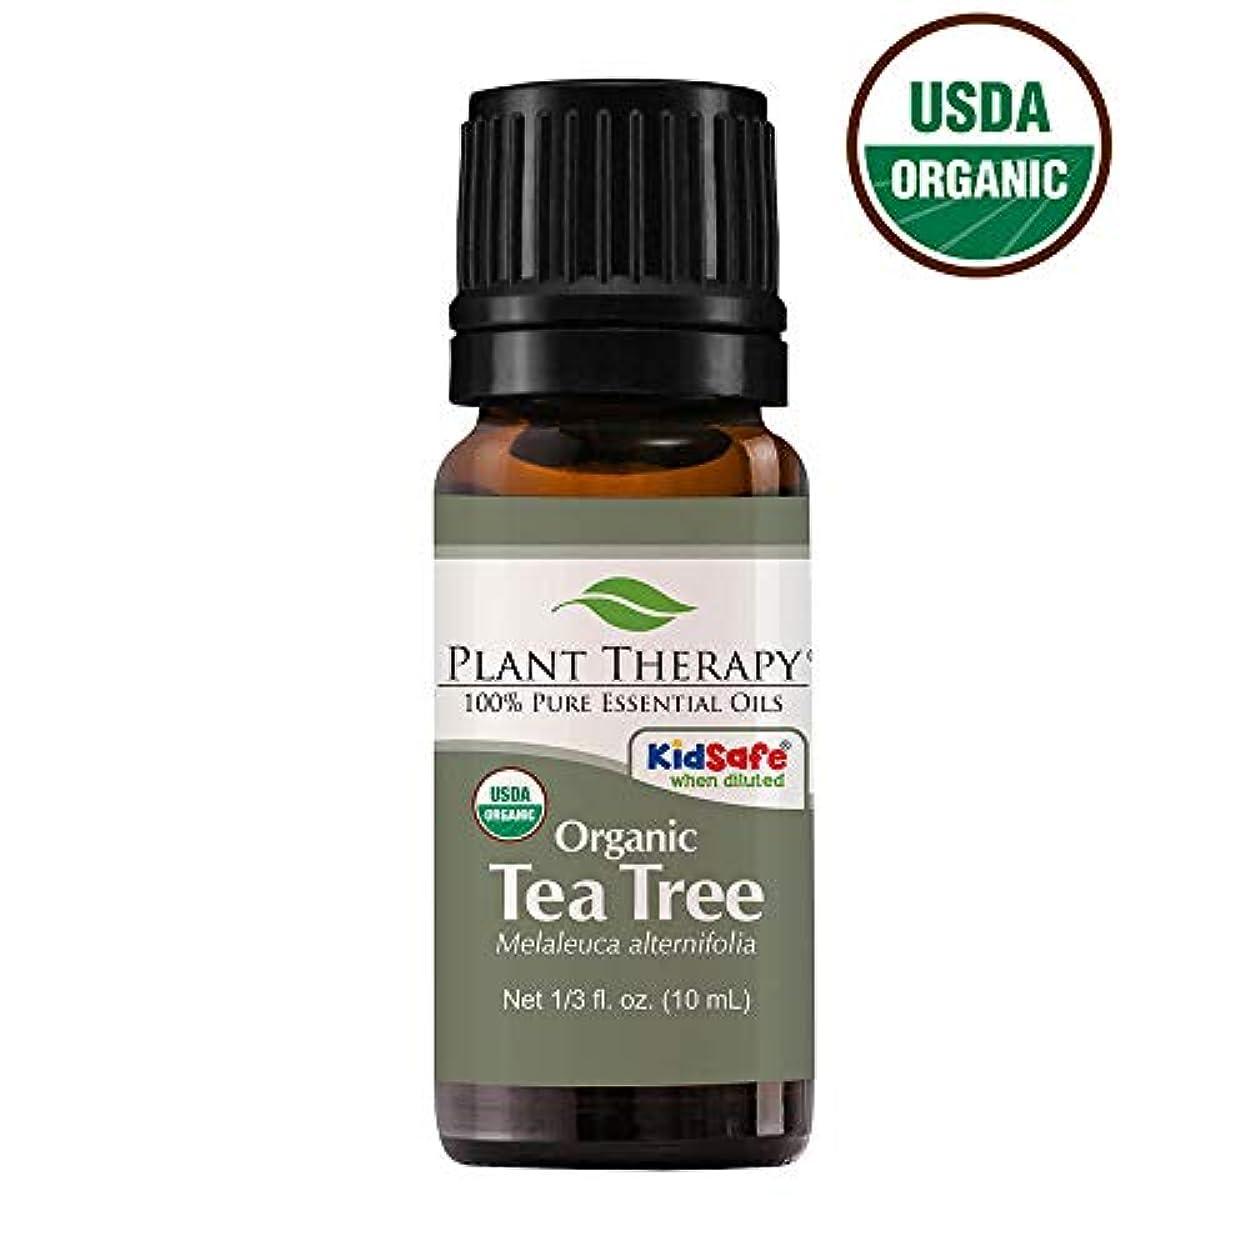 使用法暫定の何よりもPlant Therapy Essential Oils (プラントセラピー エッセンシャルオイル) オーガニック ティーツリー (メラルーカ) エッセンシャルオイル